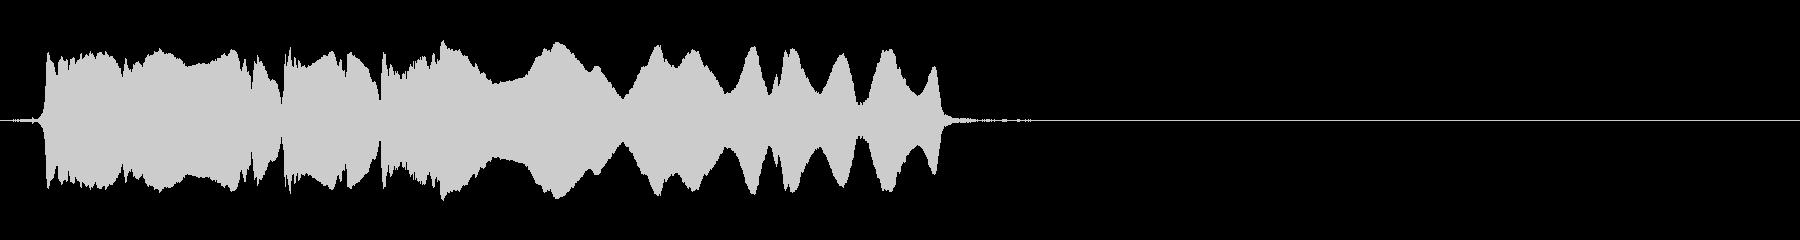 バリトンサックス:馬のホニーアクセ...の未再生の波形